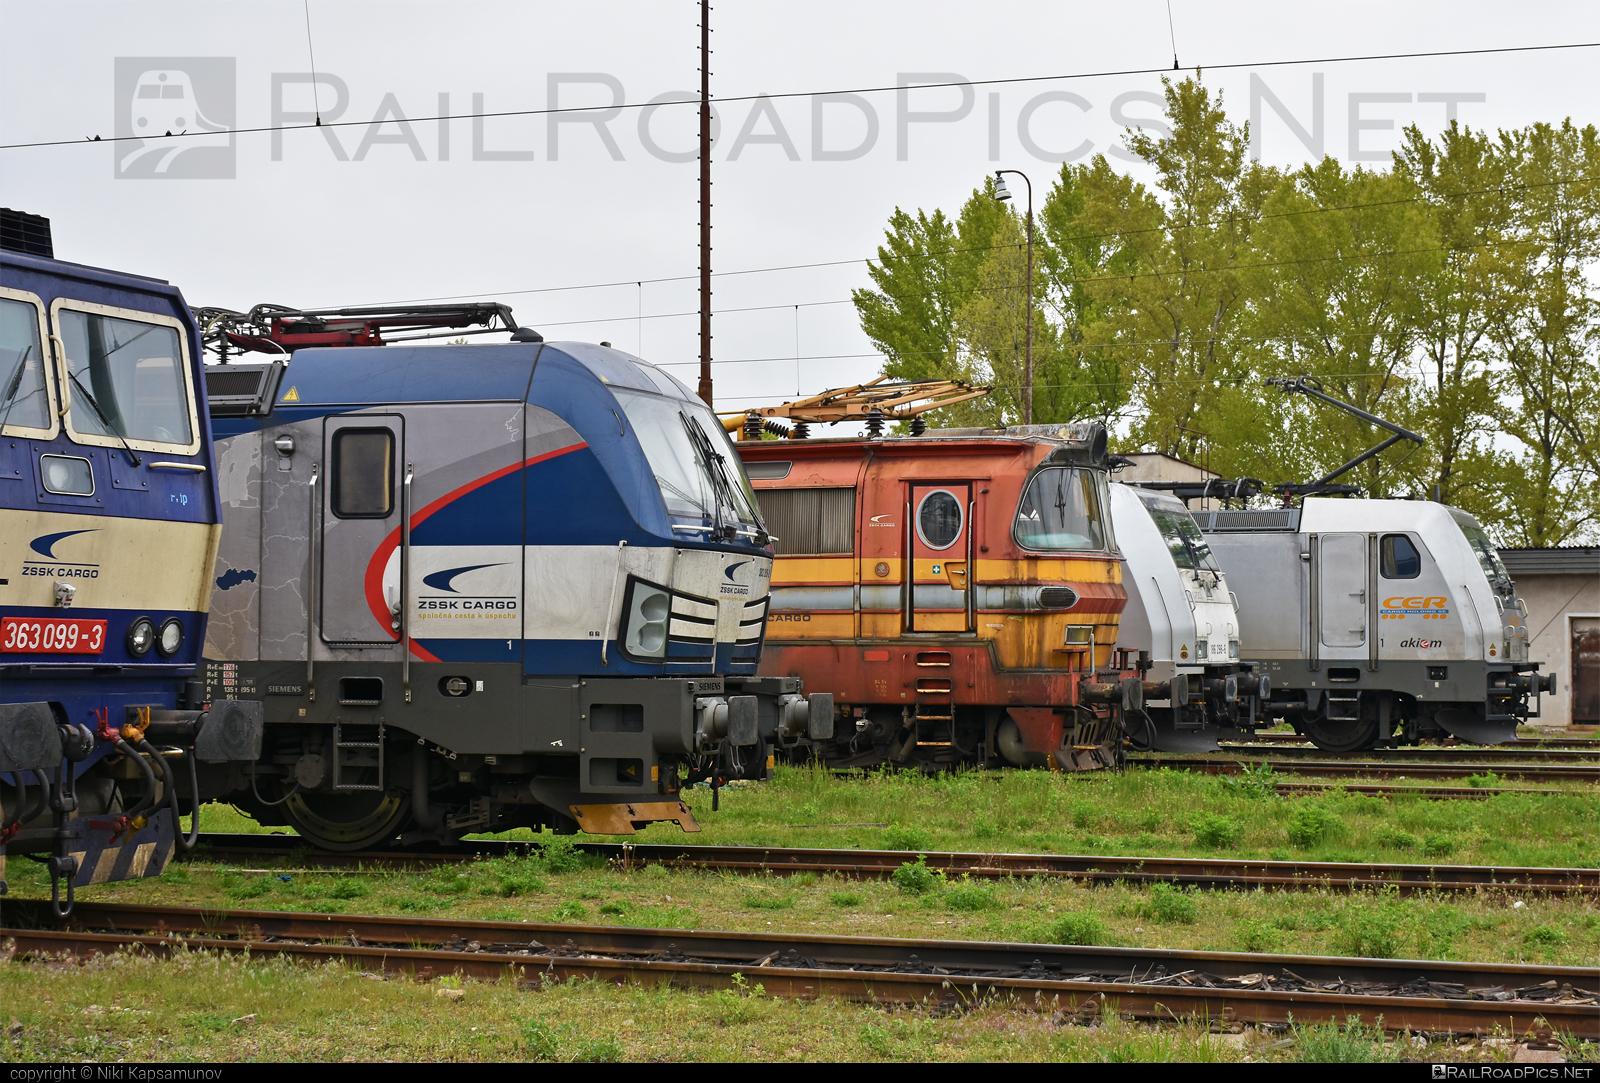 Siemens Vectron MS - 383 205-2 operated by Železničná Spoločnost' Cargo Slovakia a.s. #RollingStockLease #RollingStockLeaseSro #ZeleznicnaSpolocnostCargoSlovakia #raill #siemens #siemensvectron #siemensvectronms #vectron #vectronms #zsskcargo